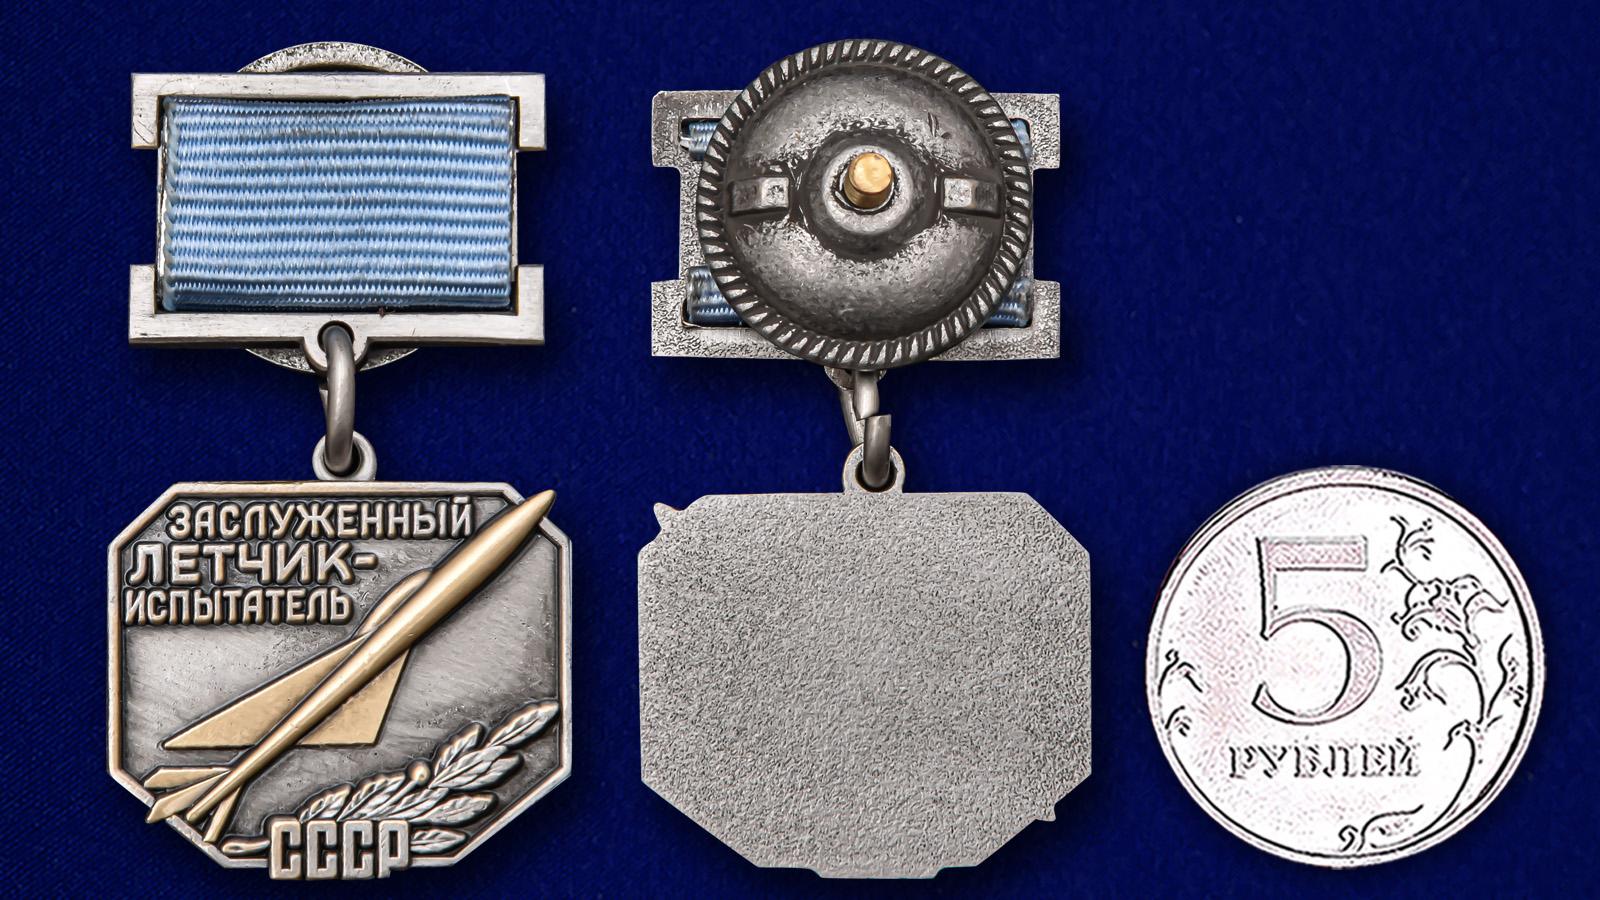 Нагрудный знак Заслуженный летчик-испытатель СССР - сравнительный вид